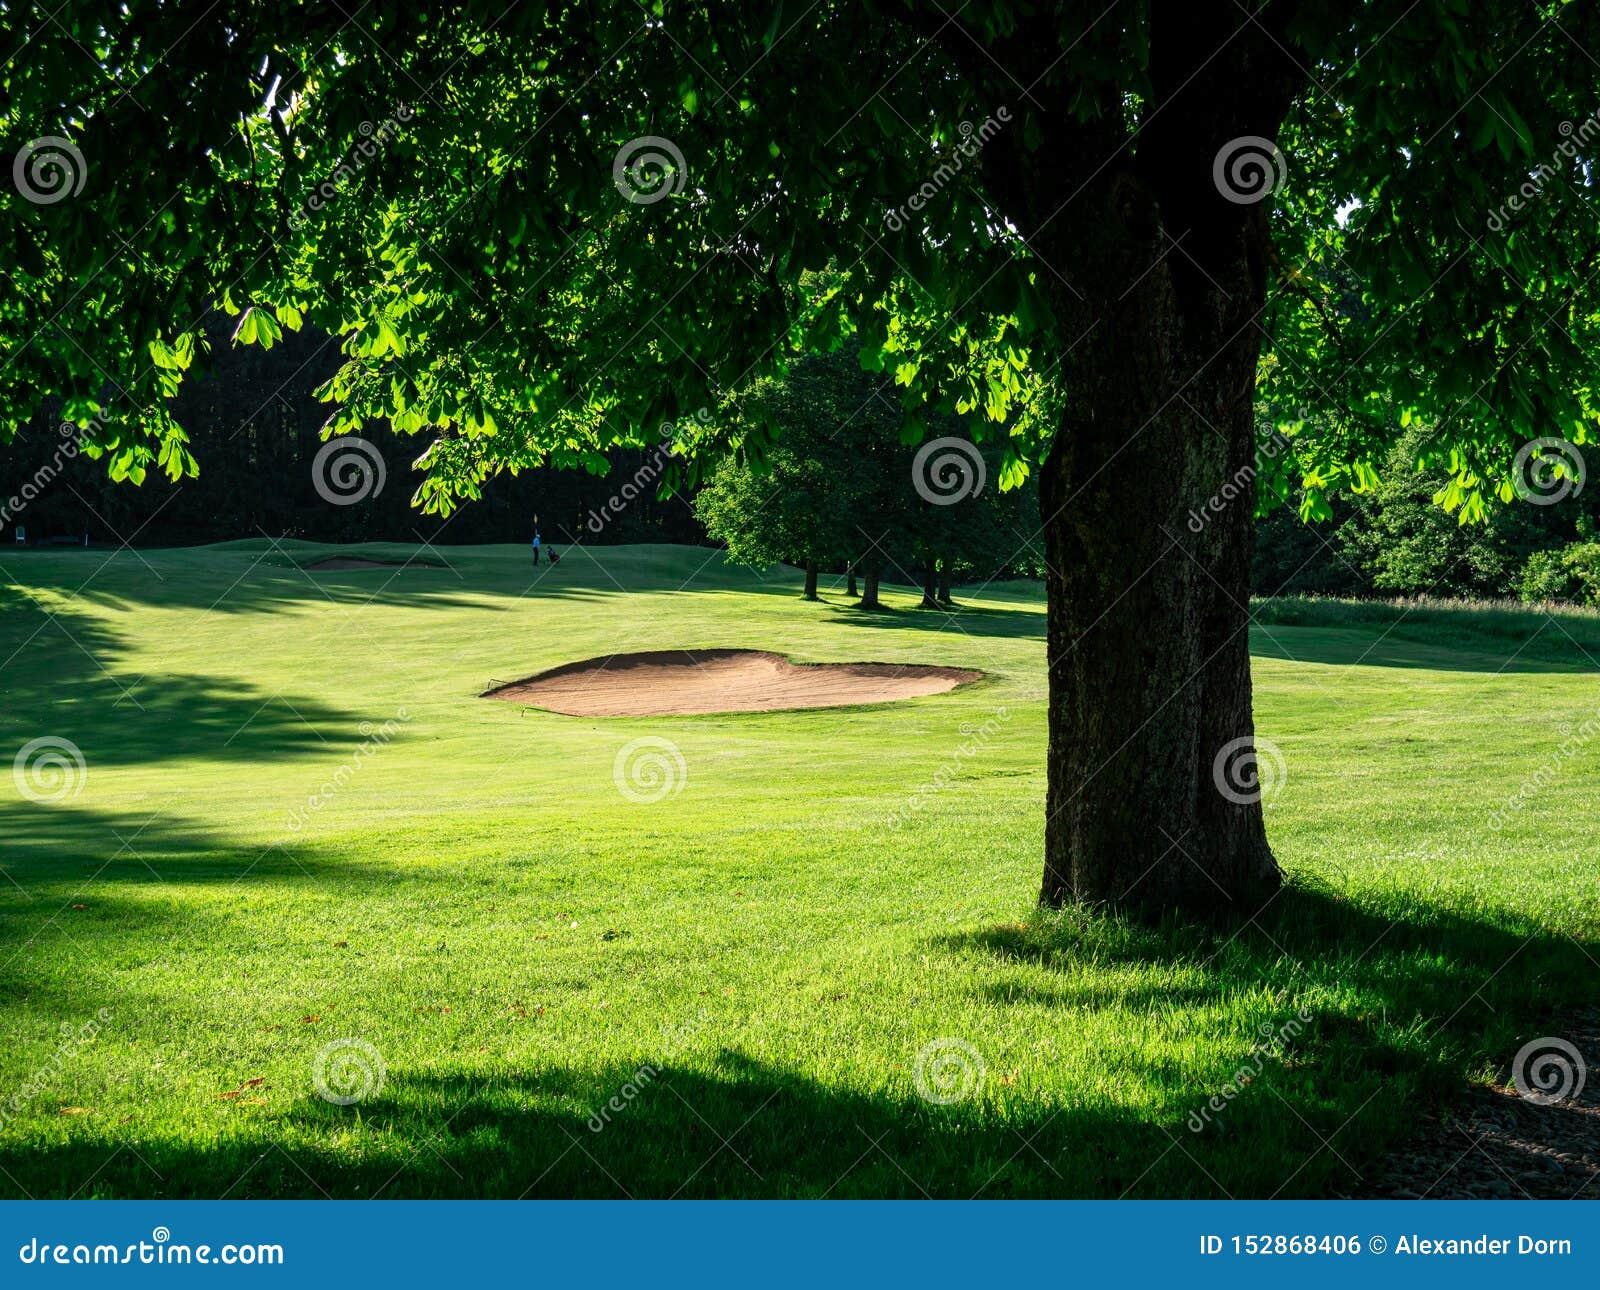 Wizerunek pole golfowe z bunkierem i drzewami